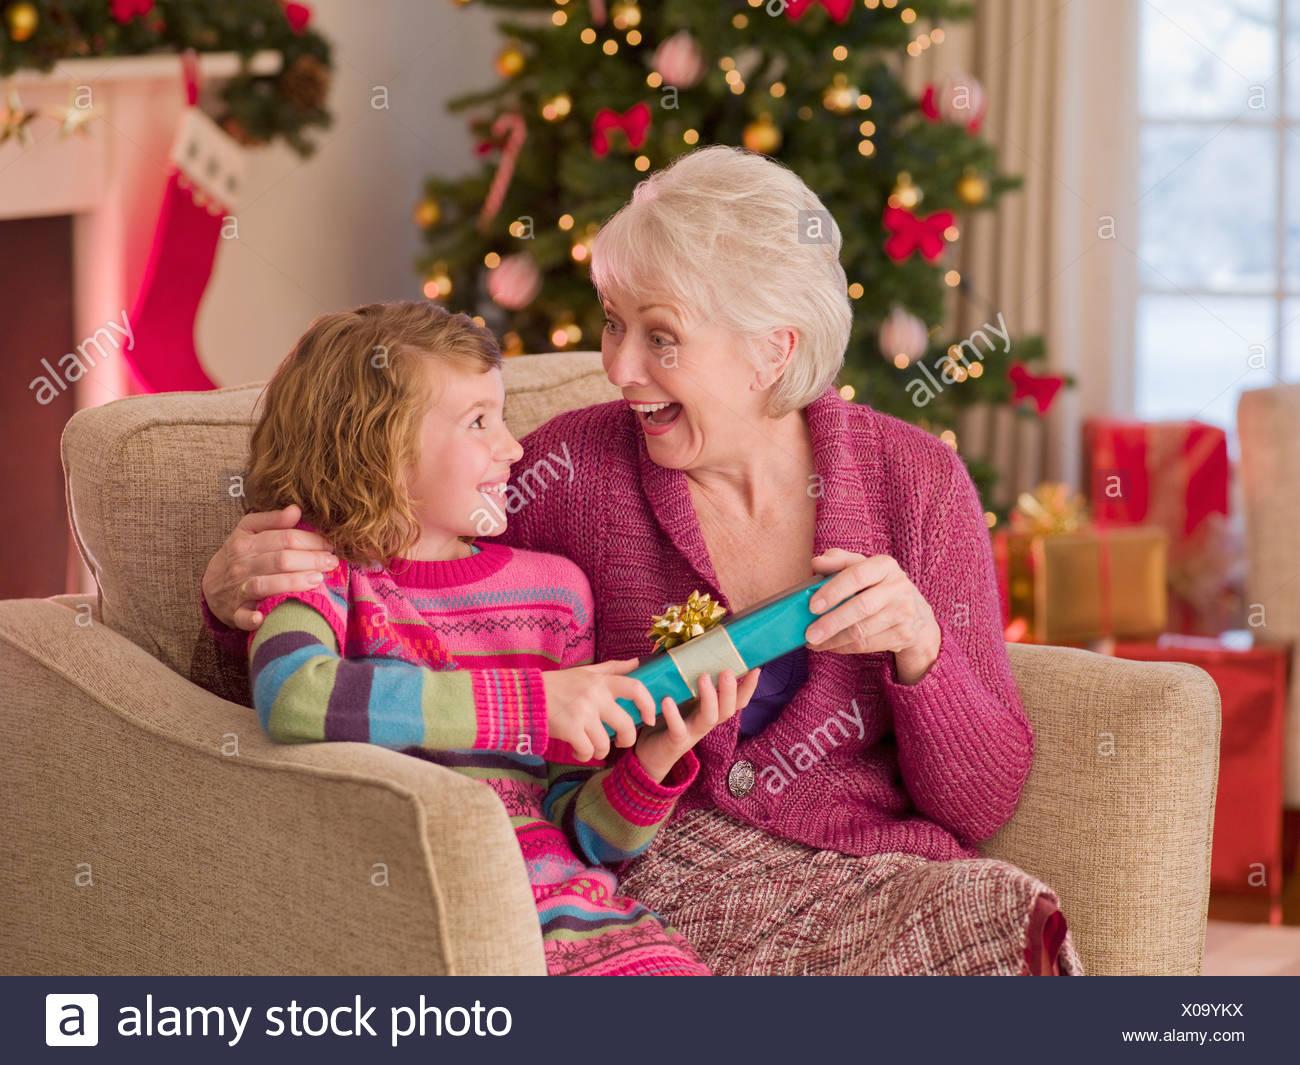 Mädchen geben Großmutter Weihnachtsgeschenk Stockfoto, Bild ...